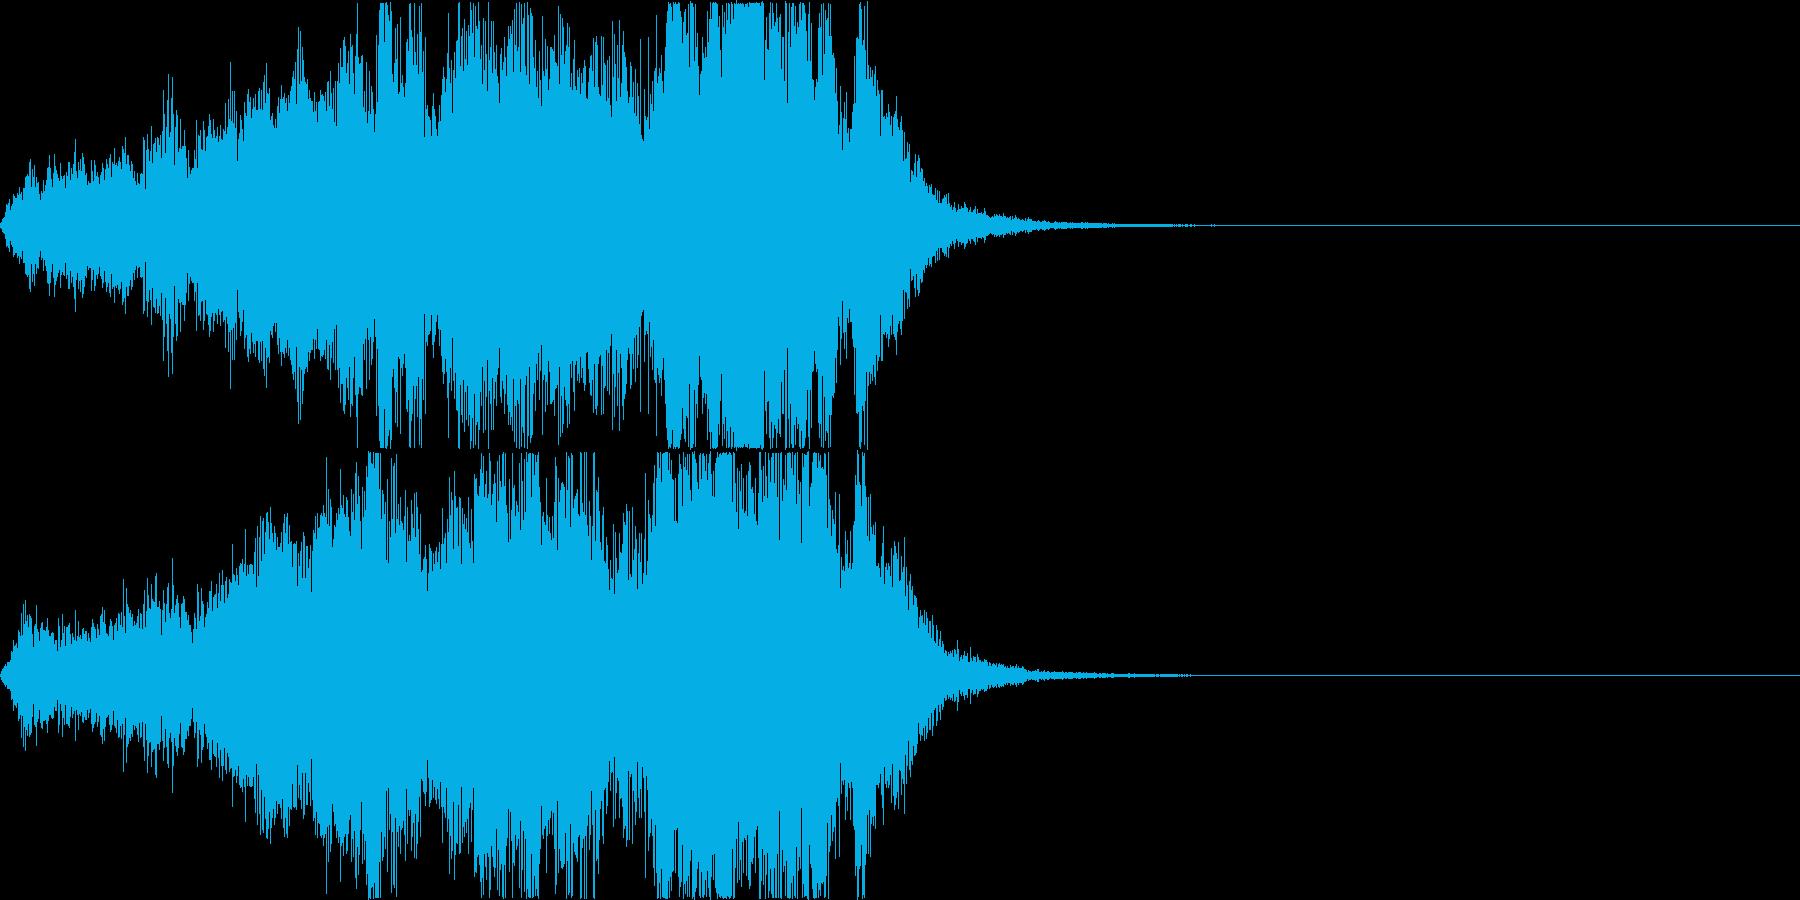 オーケストラによるファンファーレの再生済みの波形